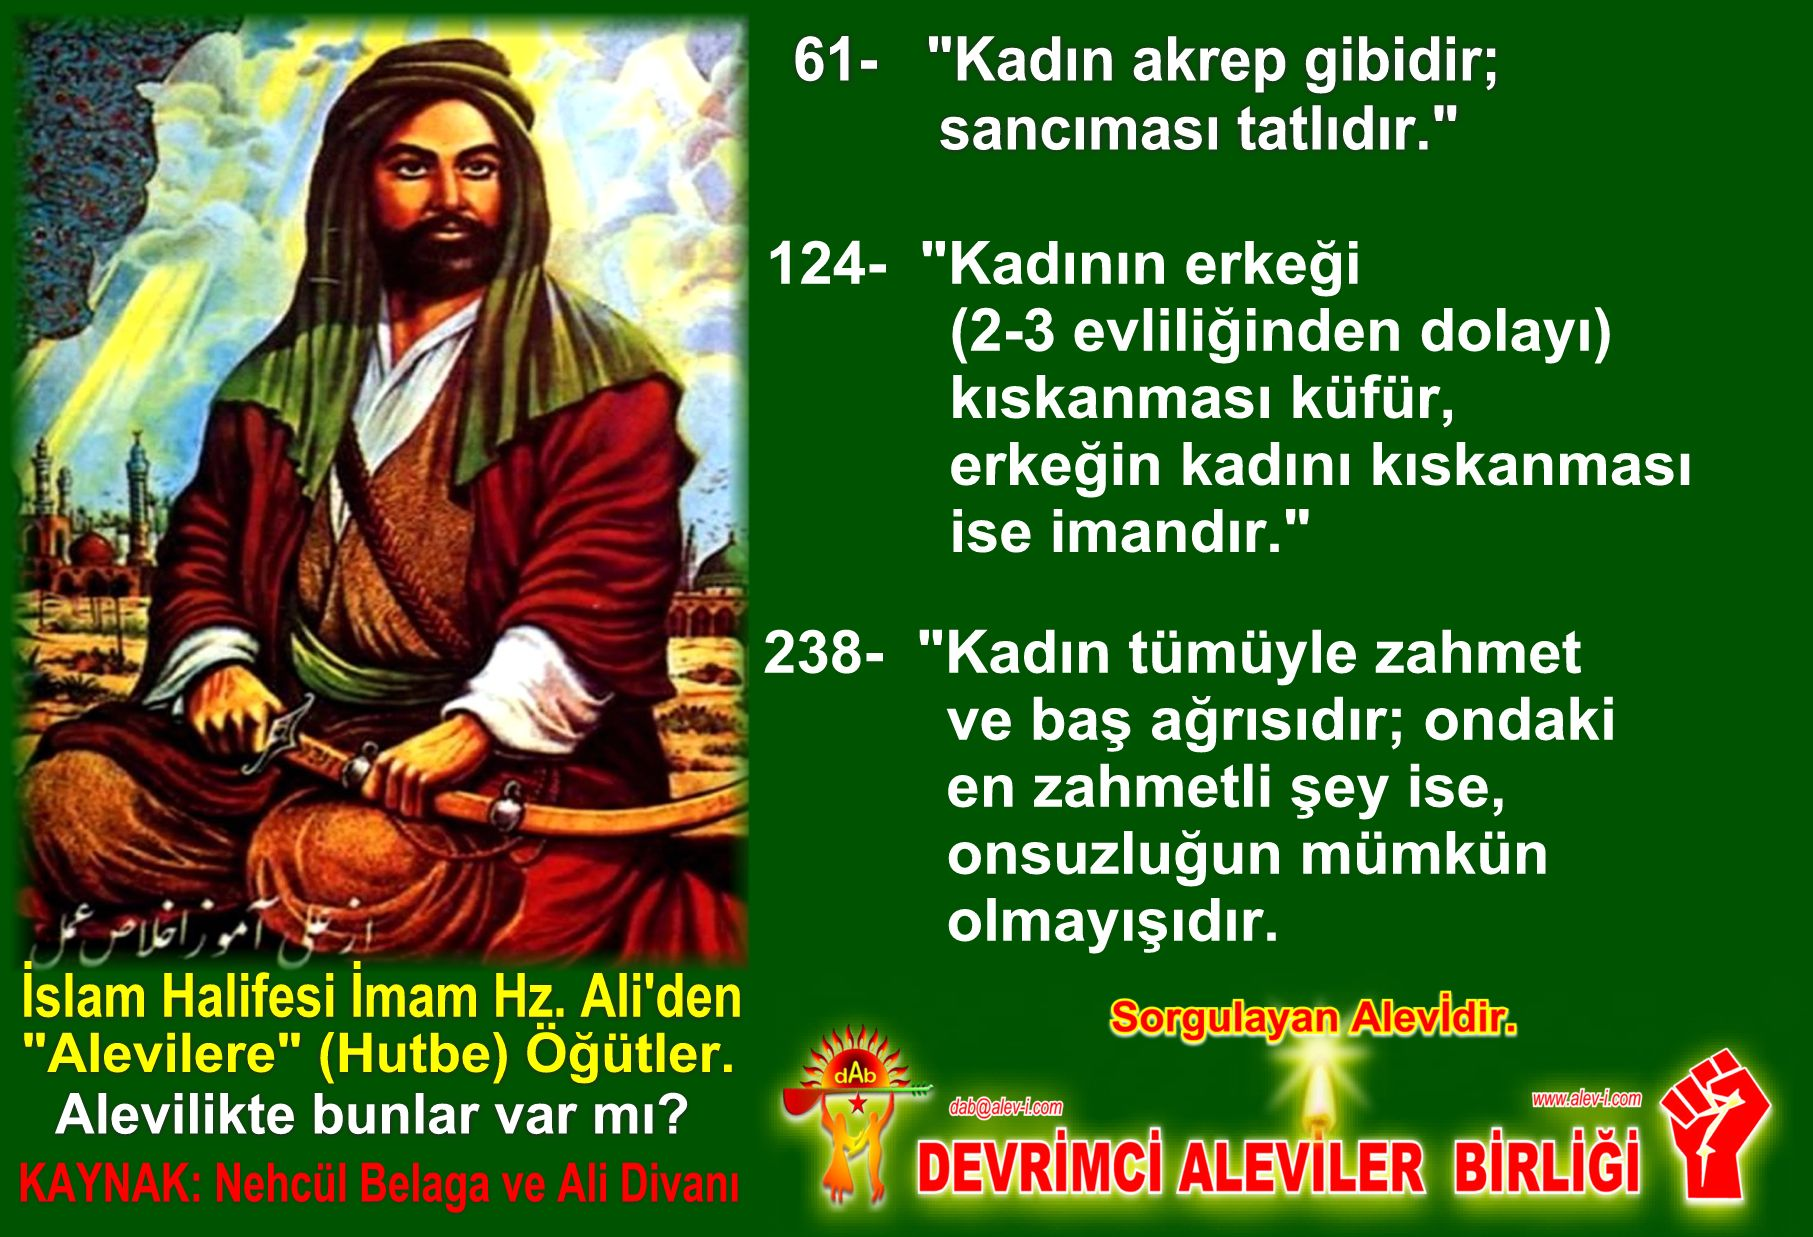 Devrimci Aleviler Birliği DAB Alevi Kızılbaş Bektaşi pir sultan cem hz Ali 12 imam semah Feramuz Şah Acar halife imam hz ali den inciler3